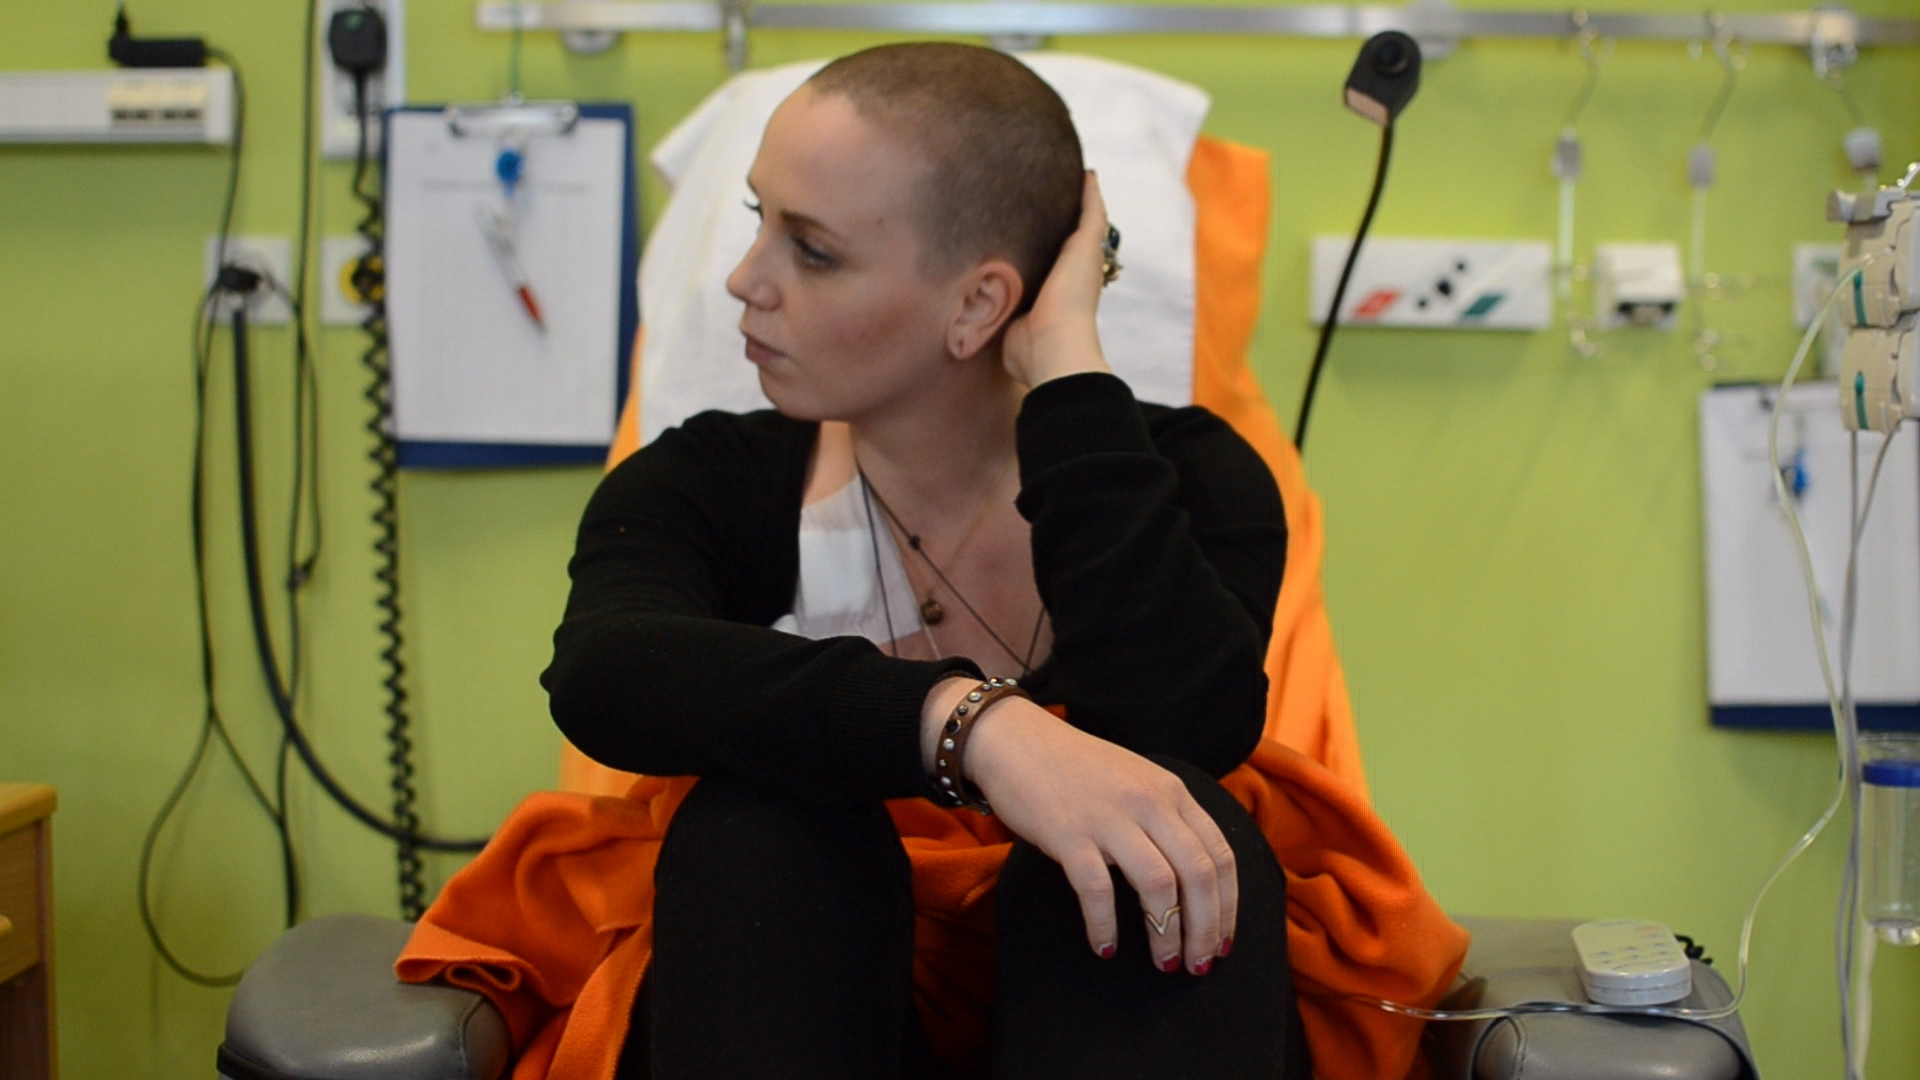 Bloggerin Luise Ganschor bei der Chemotherapie, Leipzig